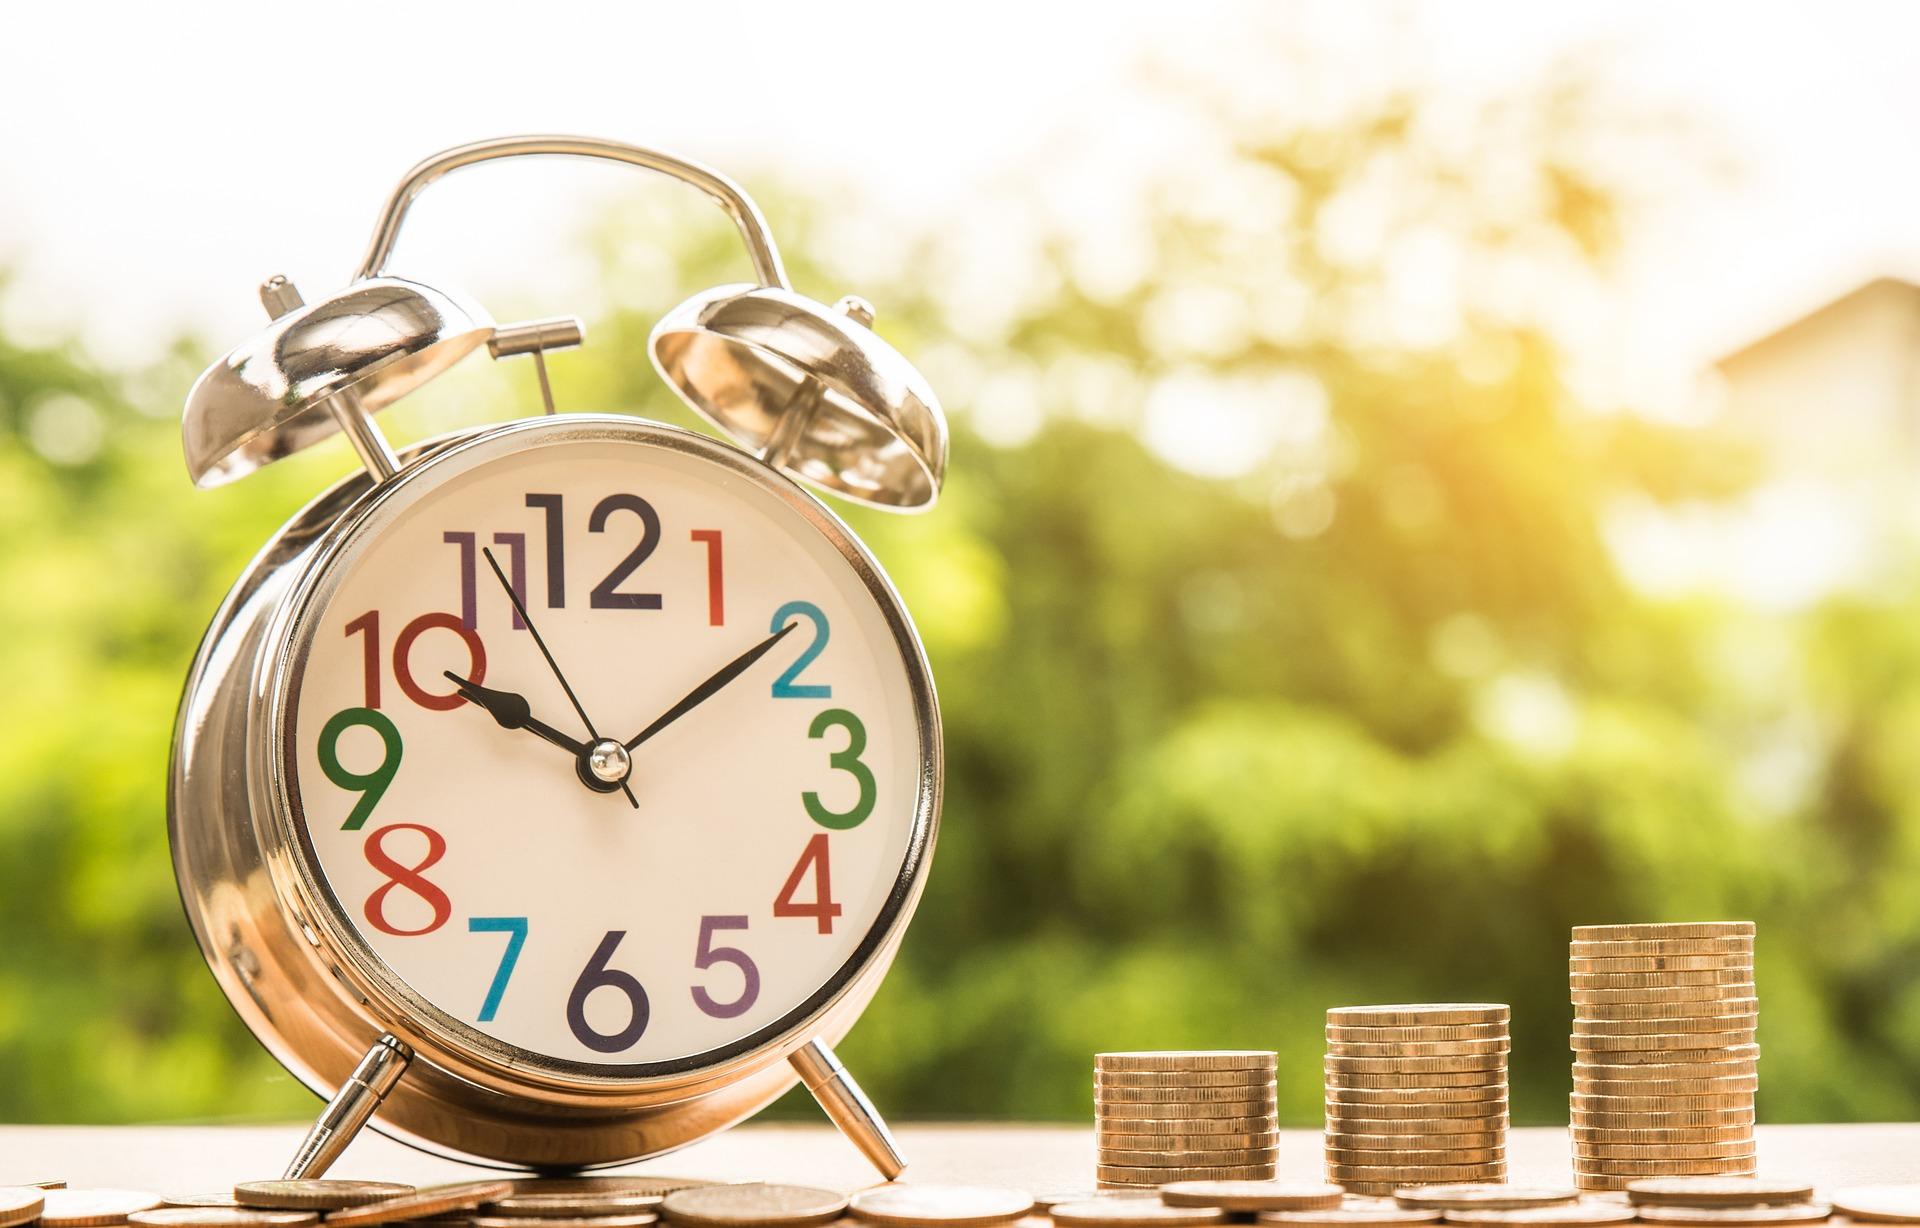 depósitos, error, estabilidad financiera